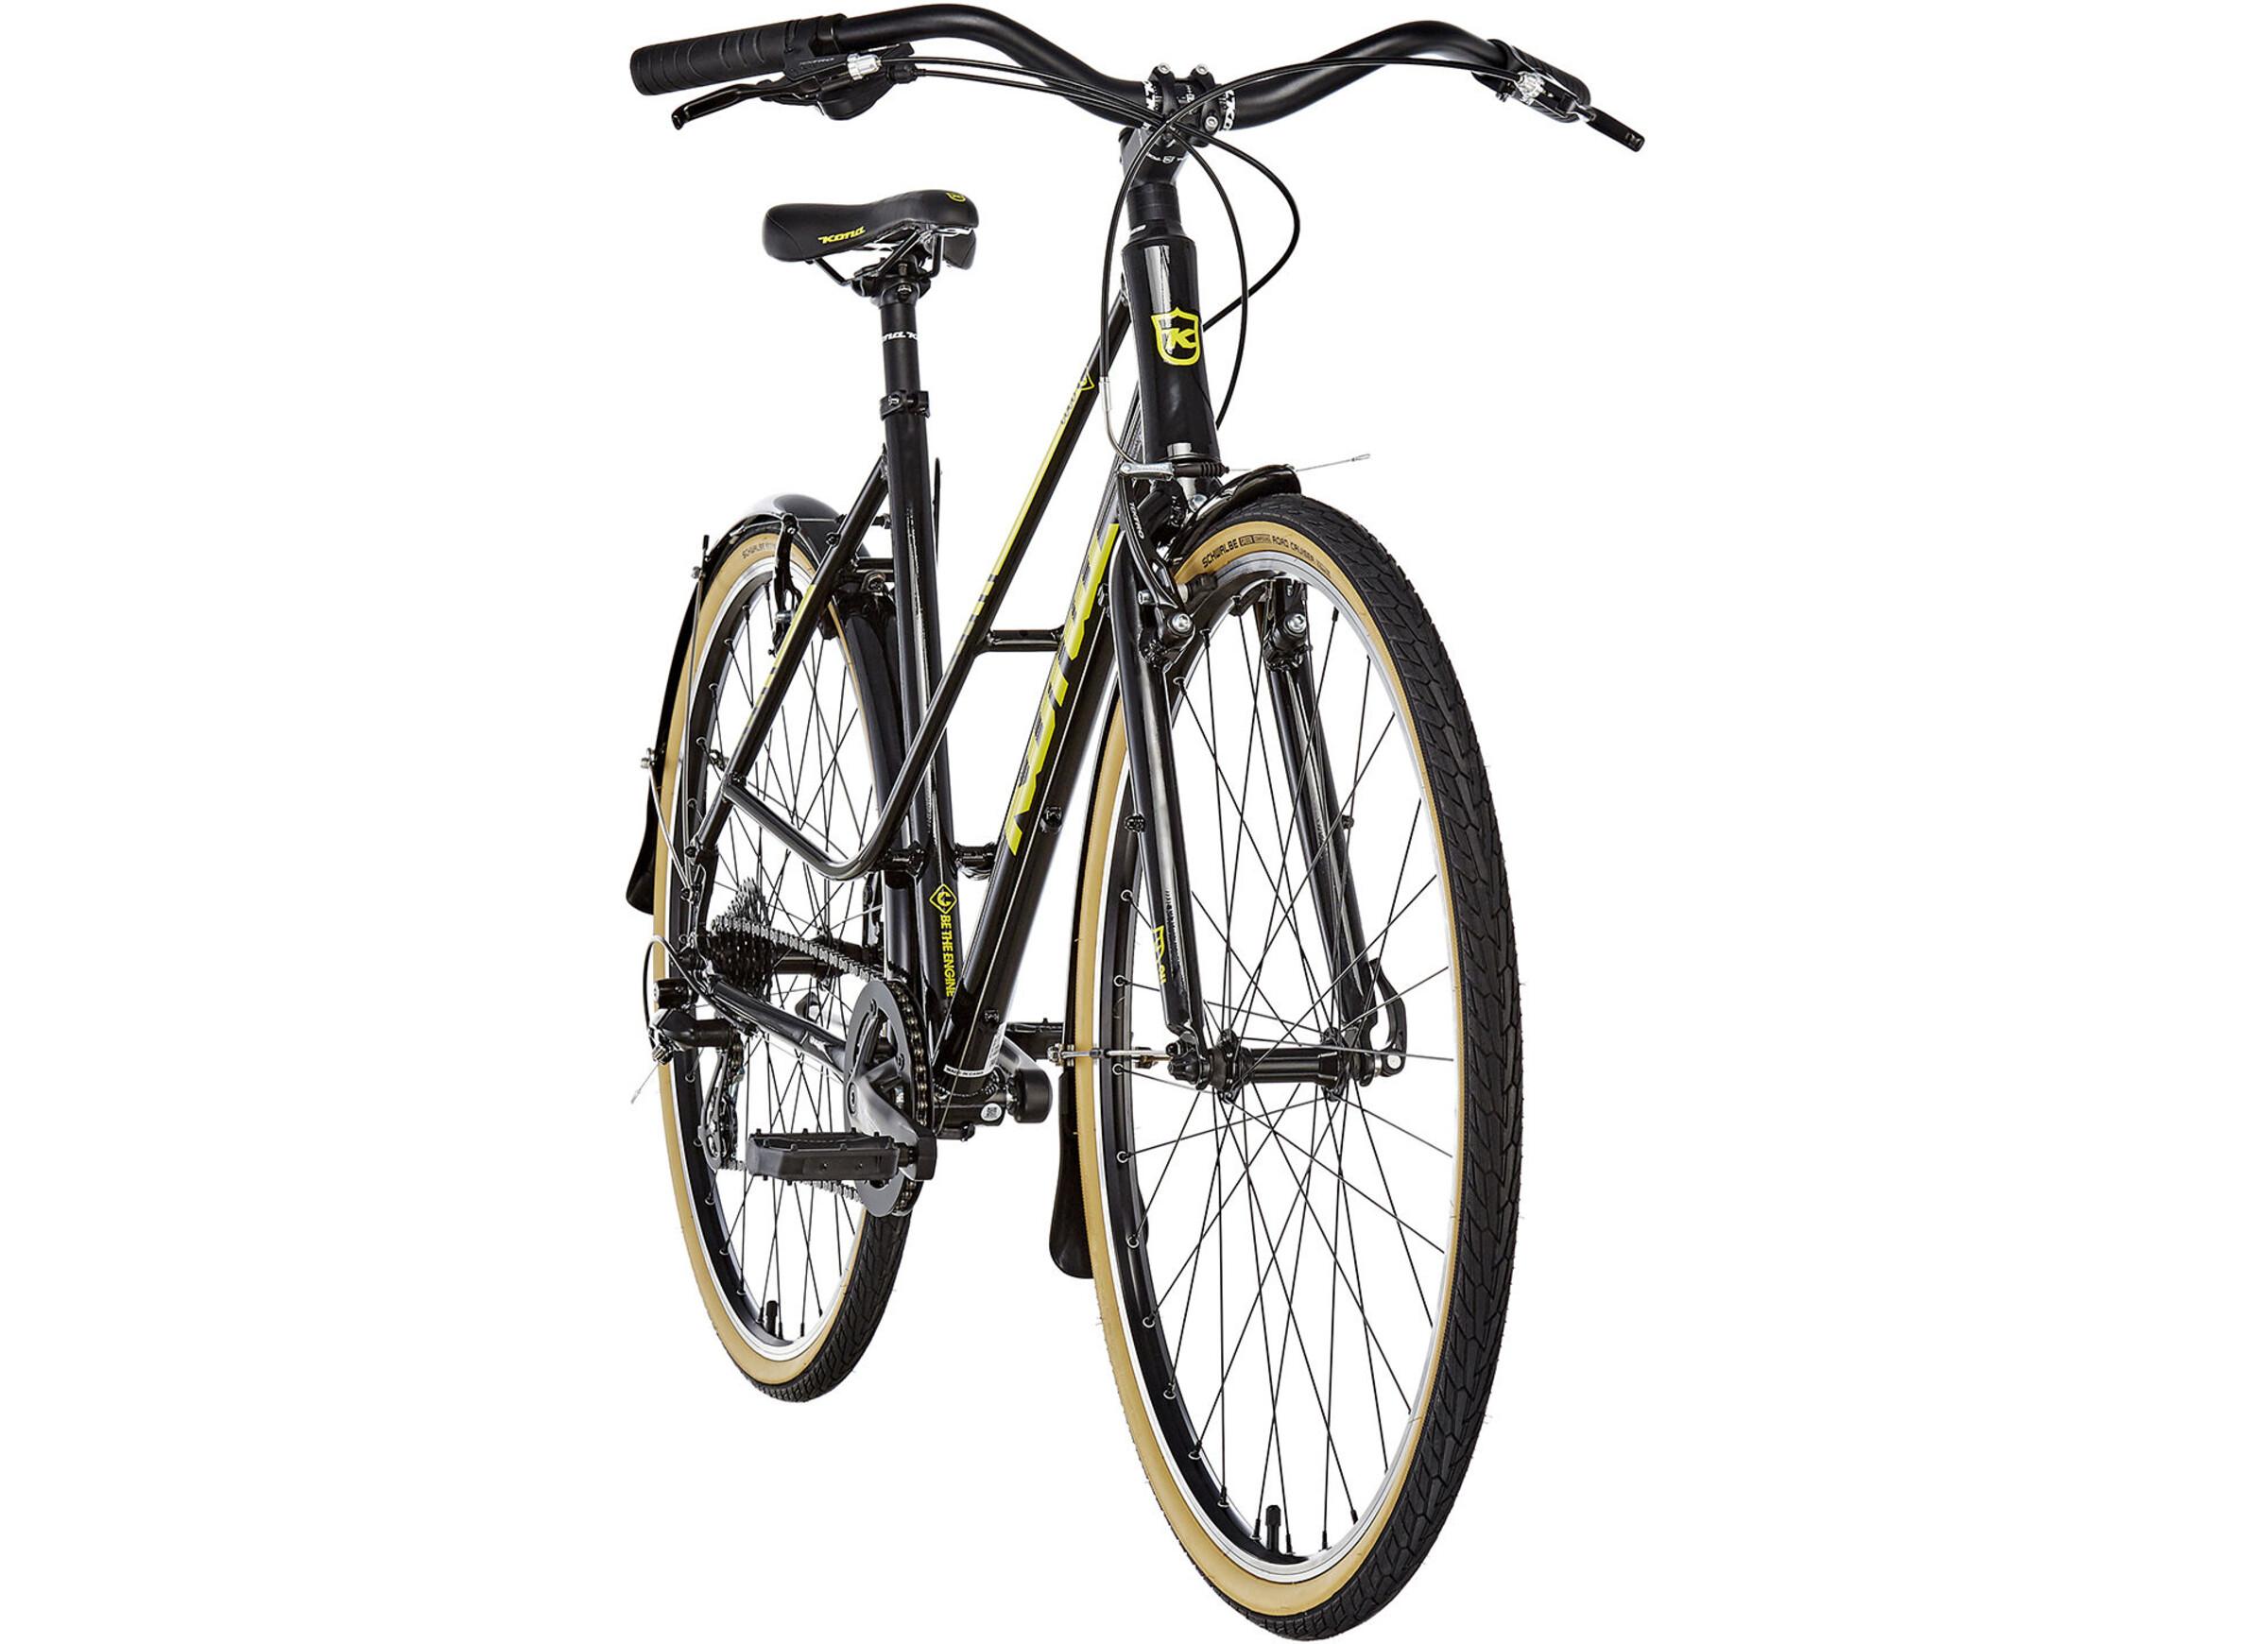 Beste Lichte Stadsfiets : Kona coco special edition stadsfiets geel zwart i online op bikester.be